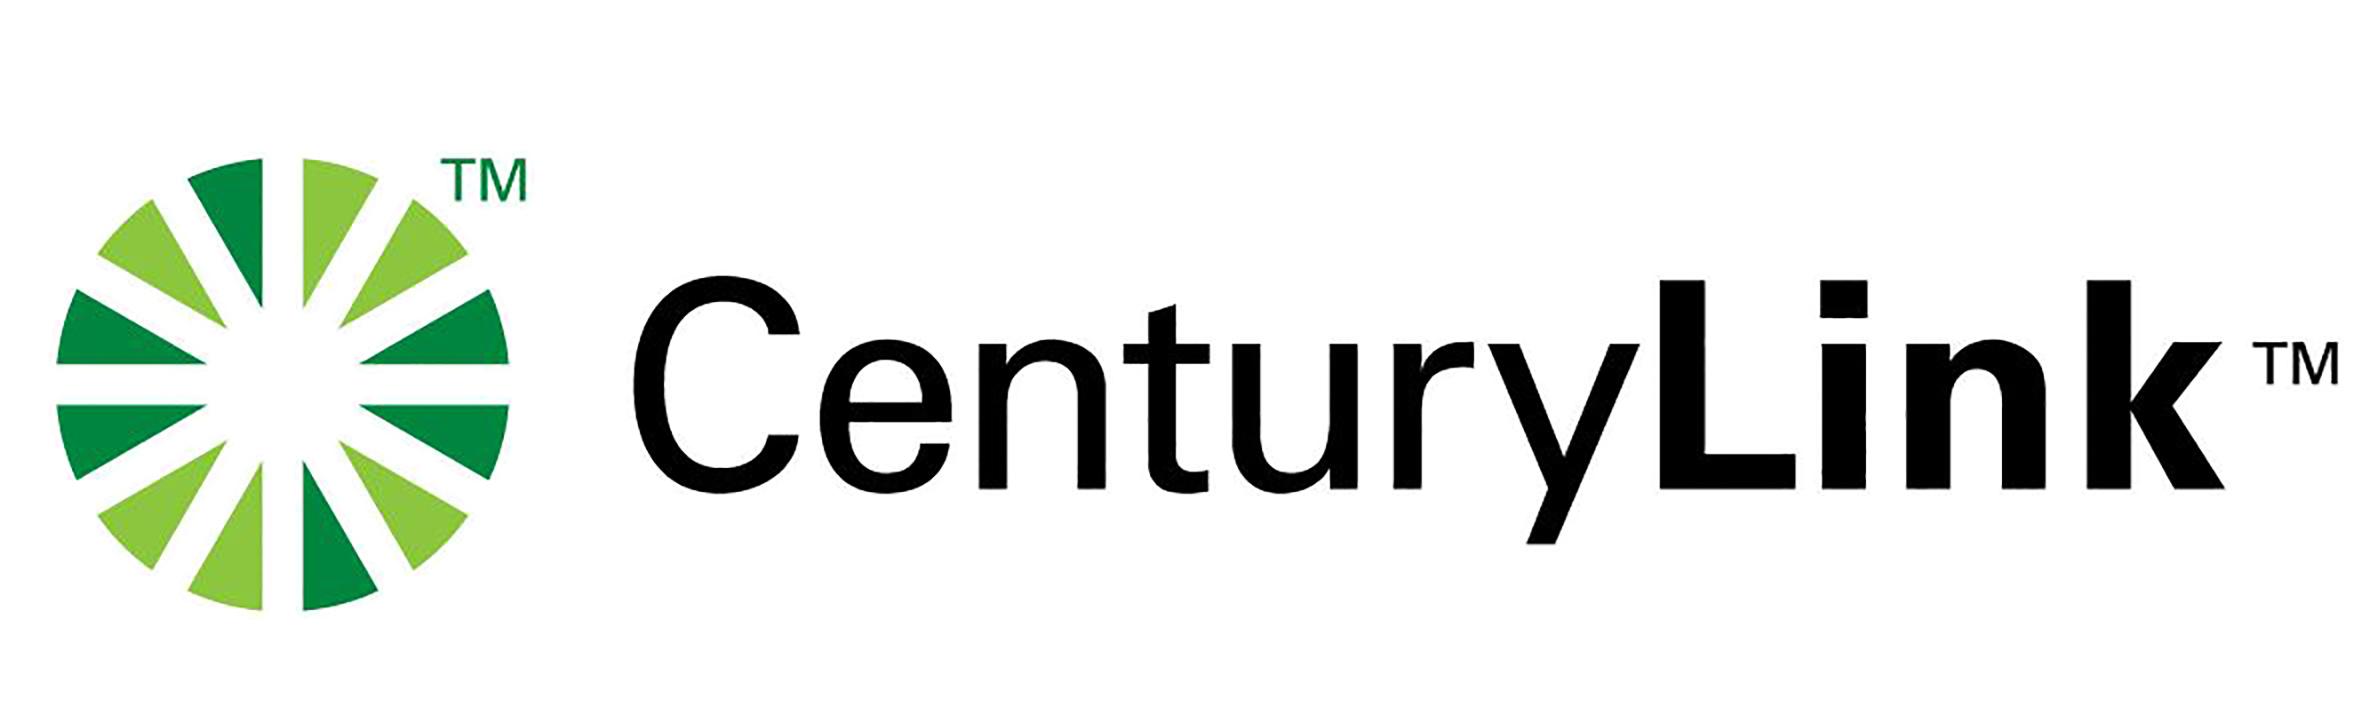 centurylink-logo.png